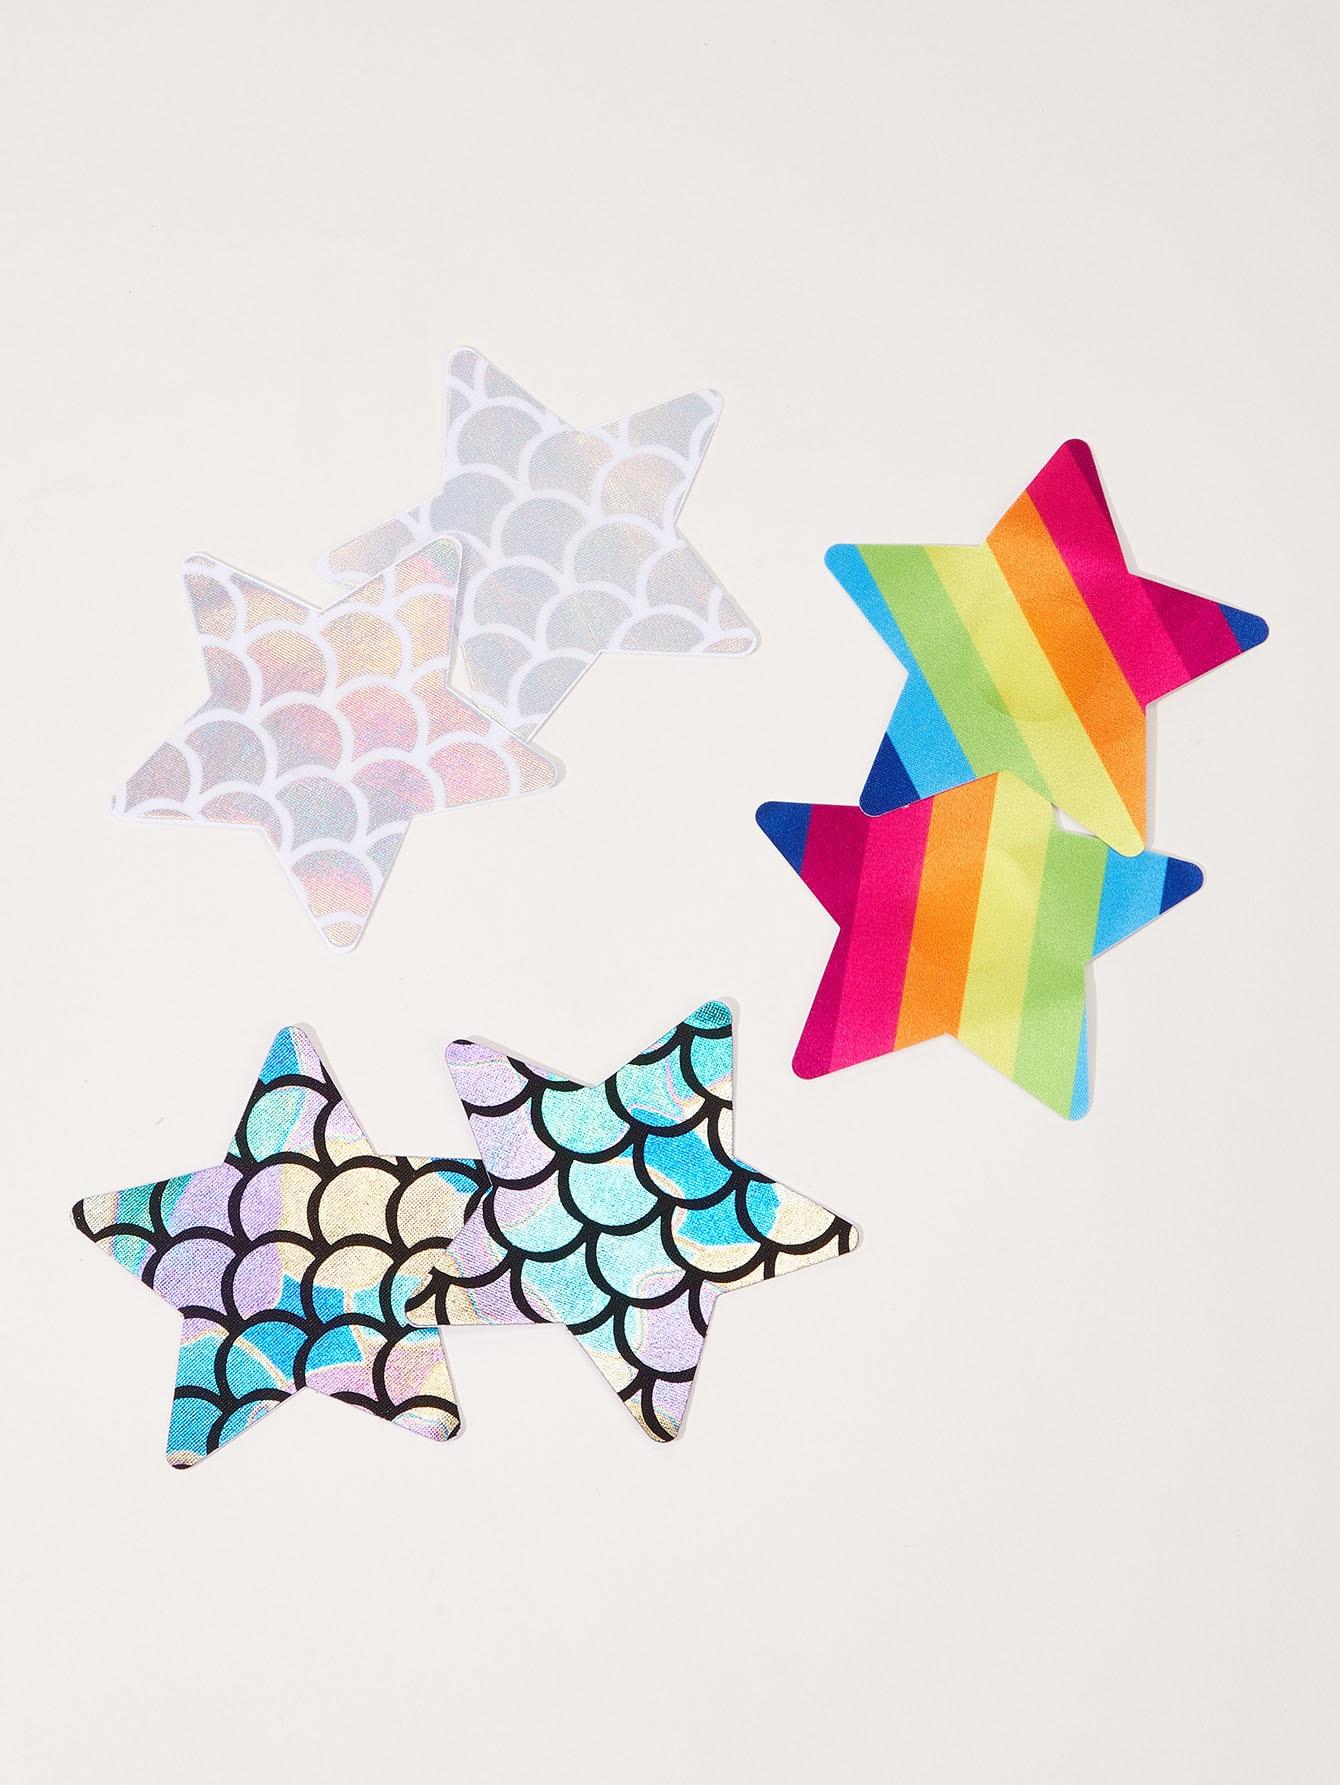 Контрастная обложка для сосков в форме звезды размера плюс 3 пар